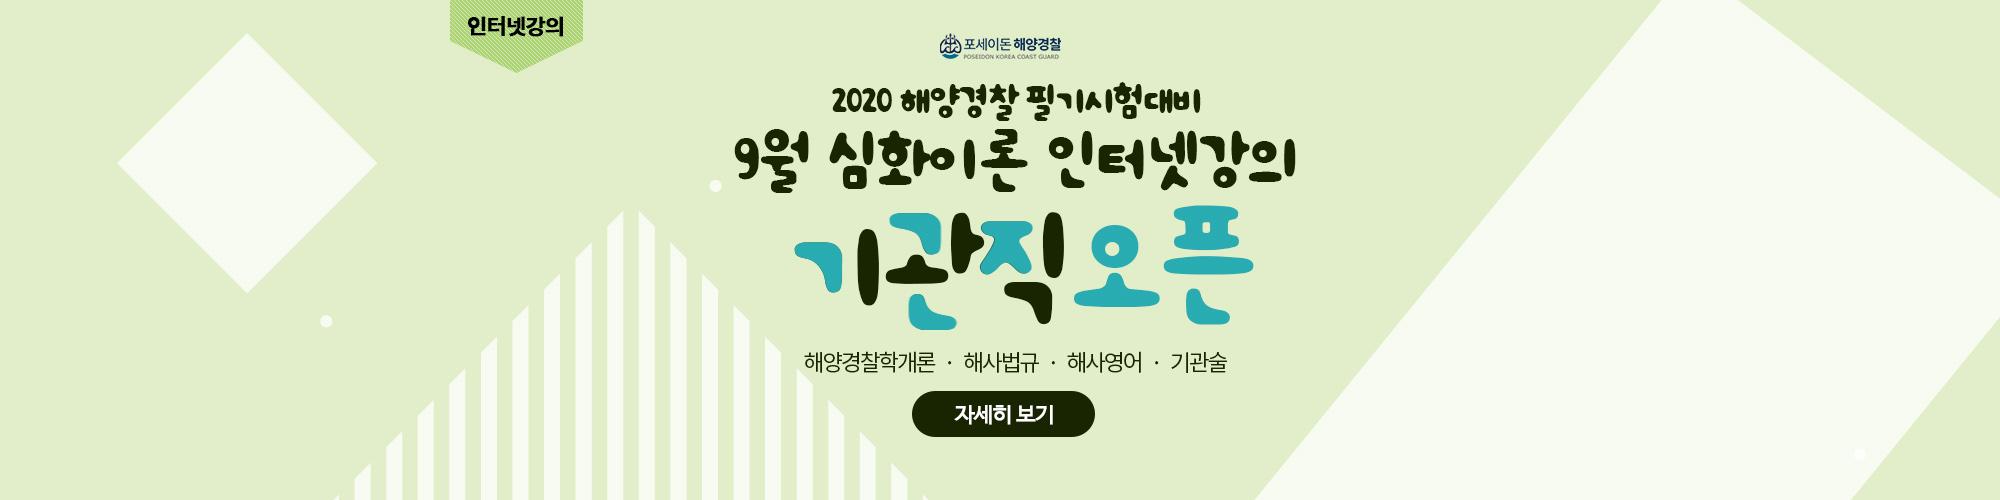 [인강] 9월 심화기관